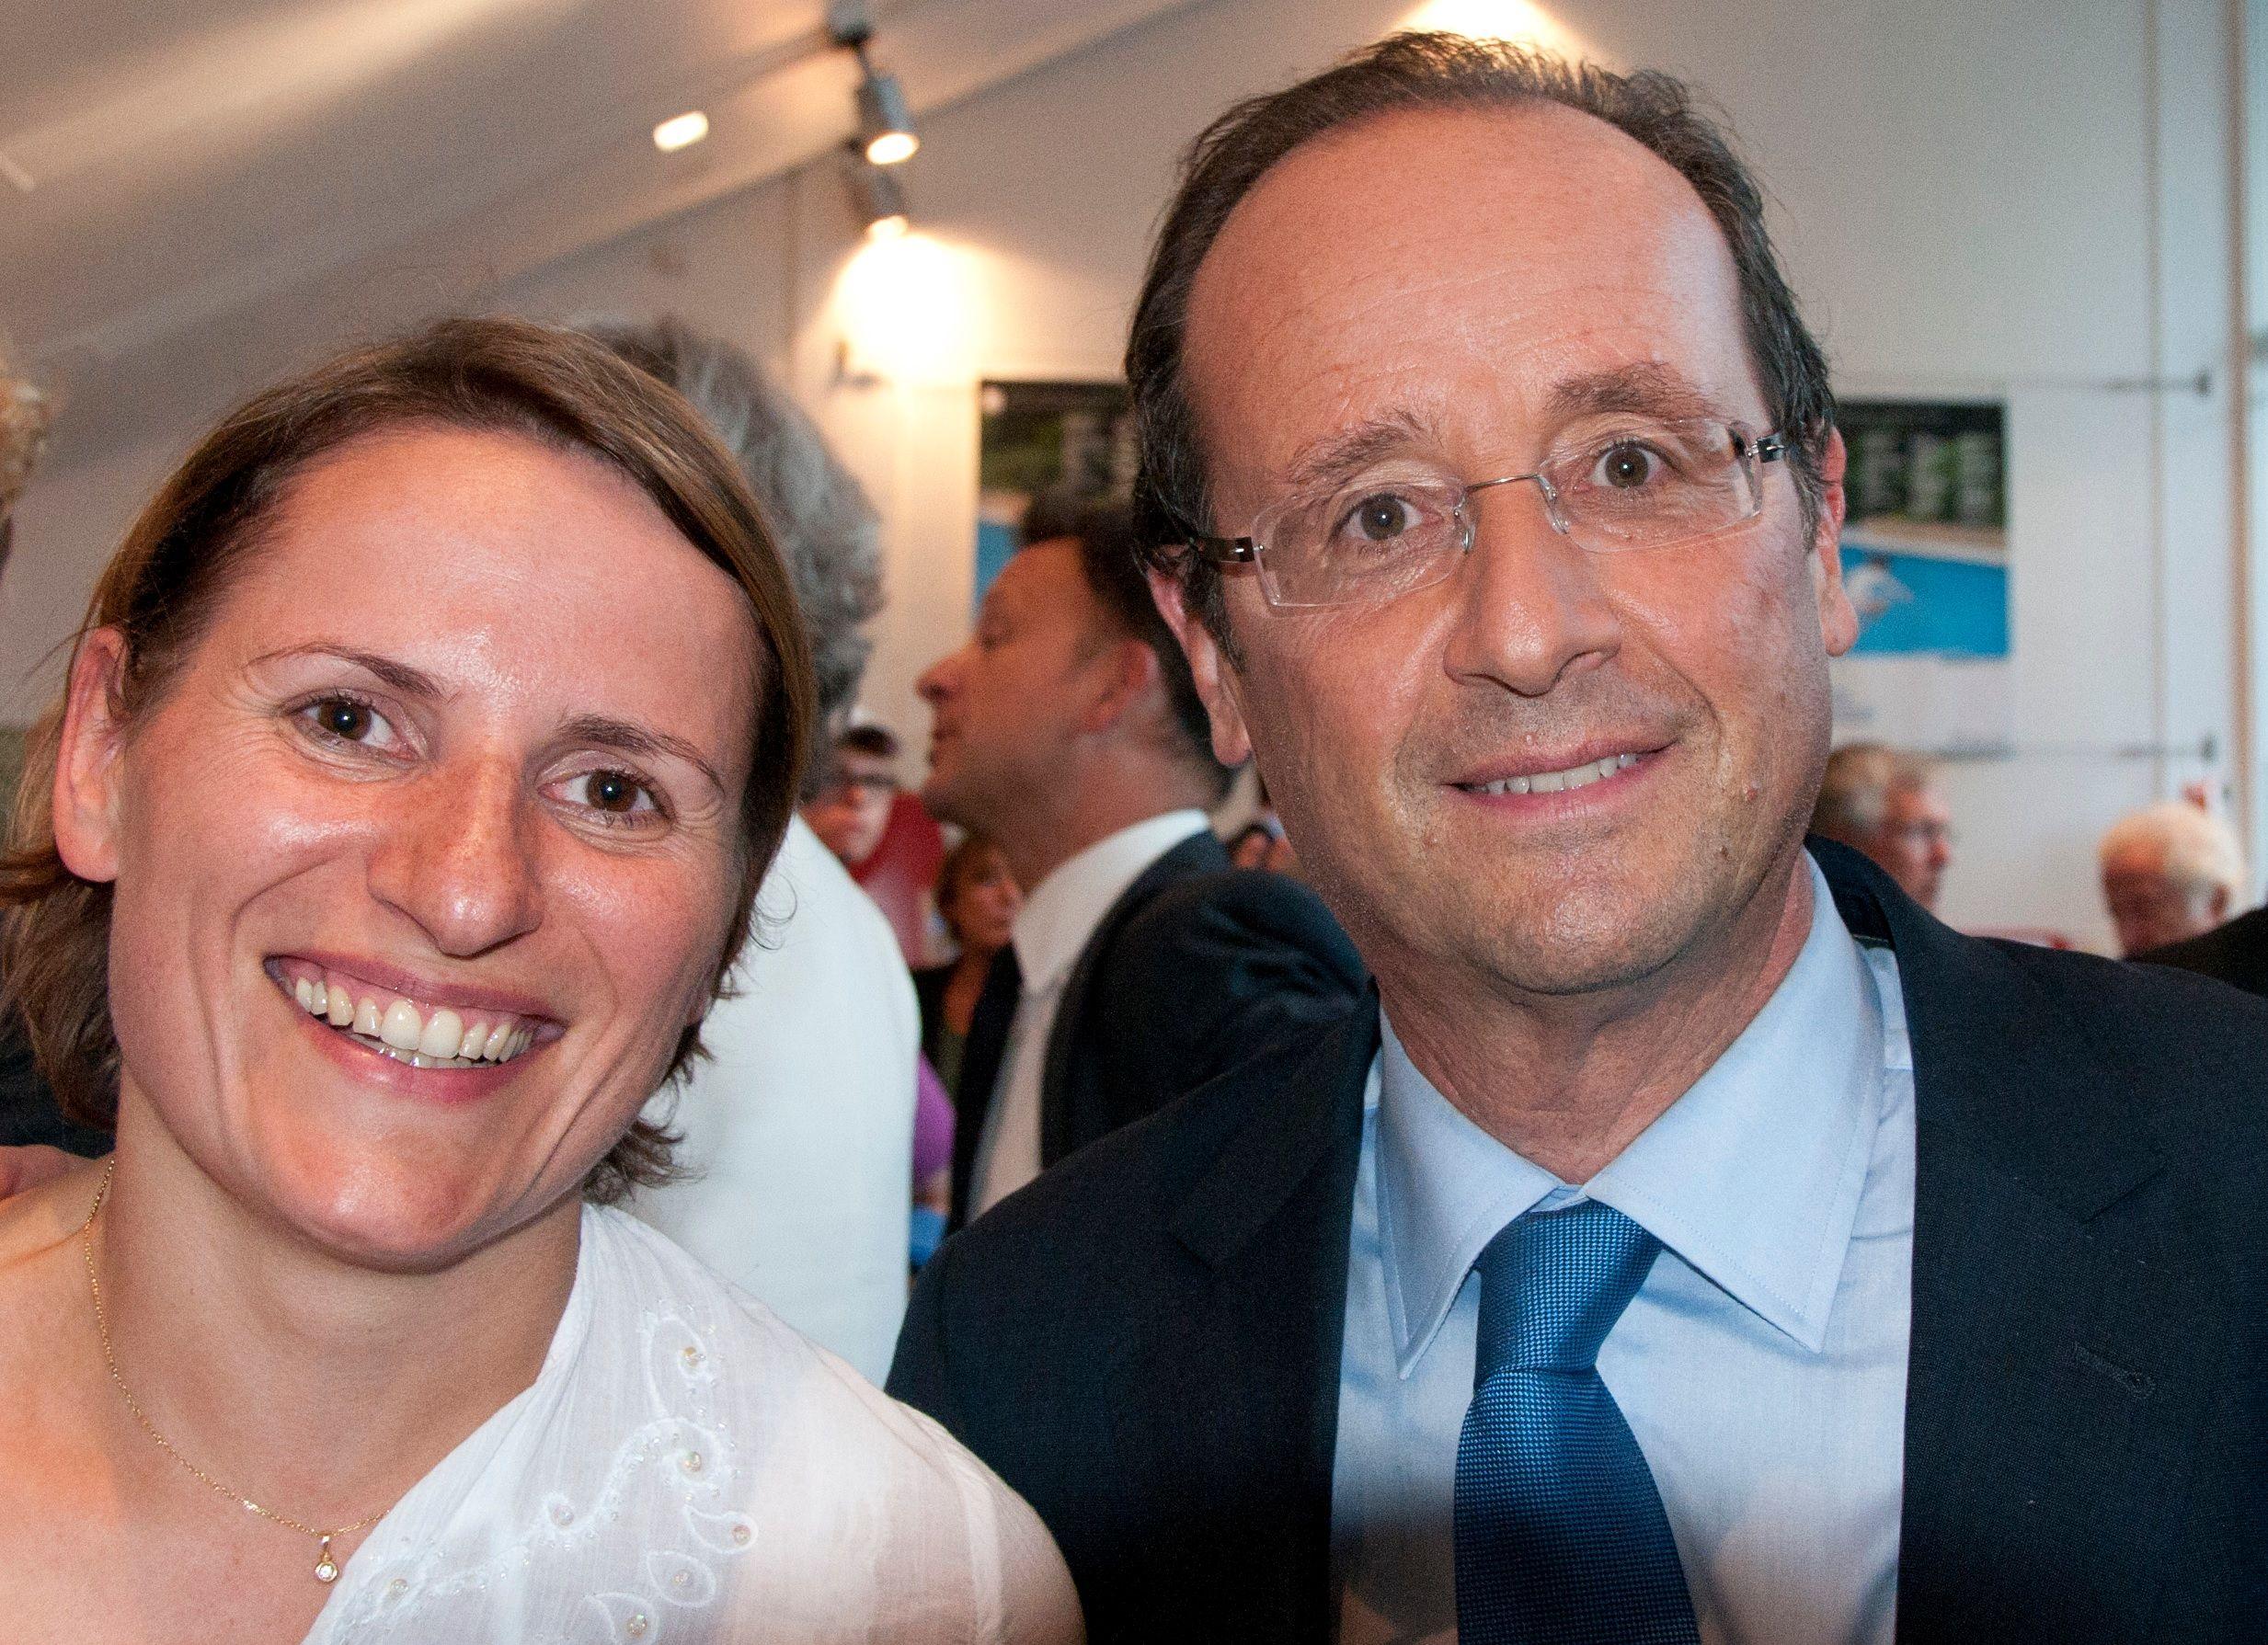 Valérie Rabault, rapporteur général au Budget (g.) avec François Hollande en 2012.